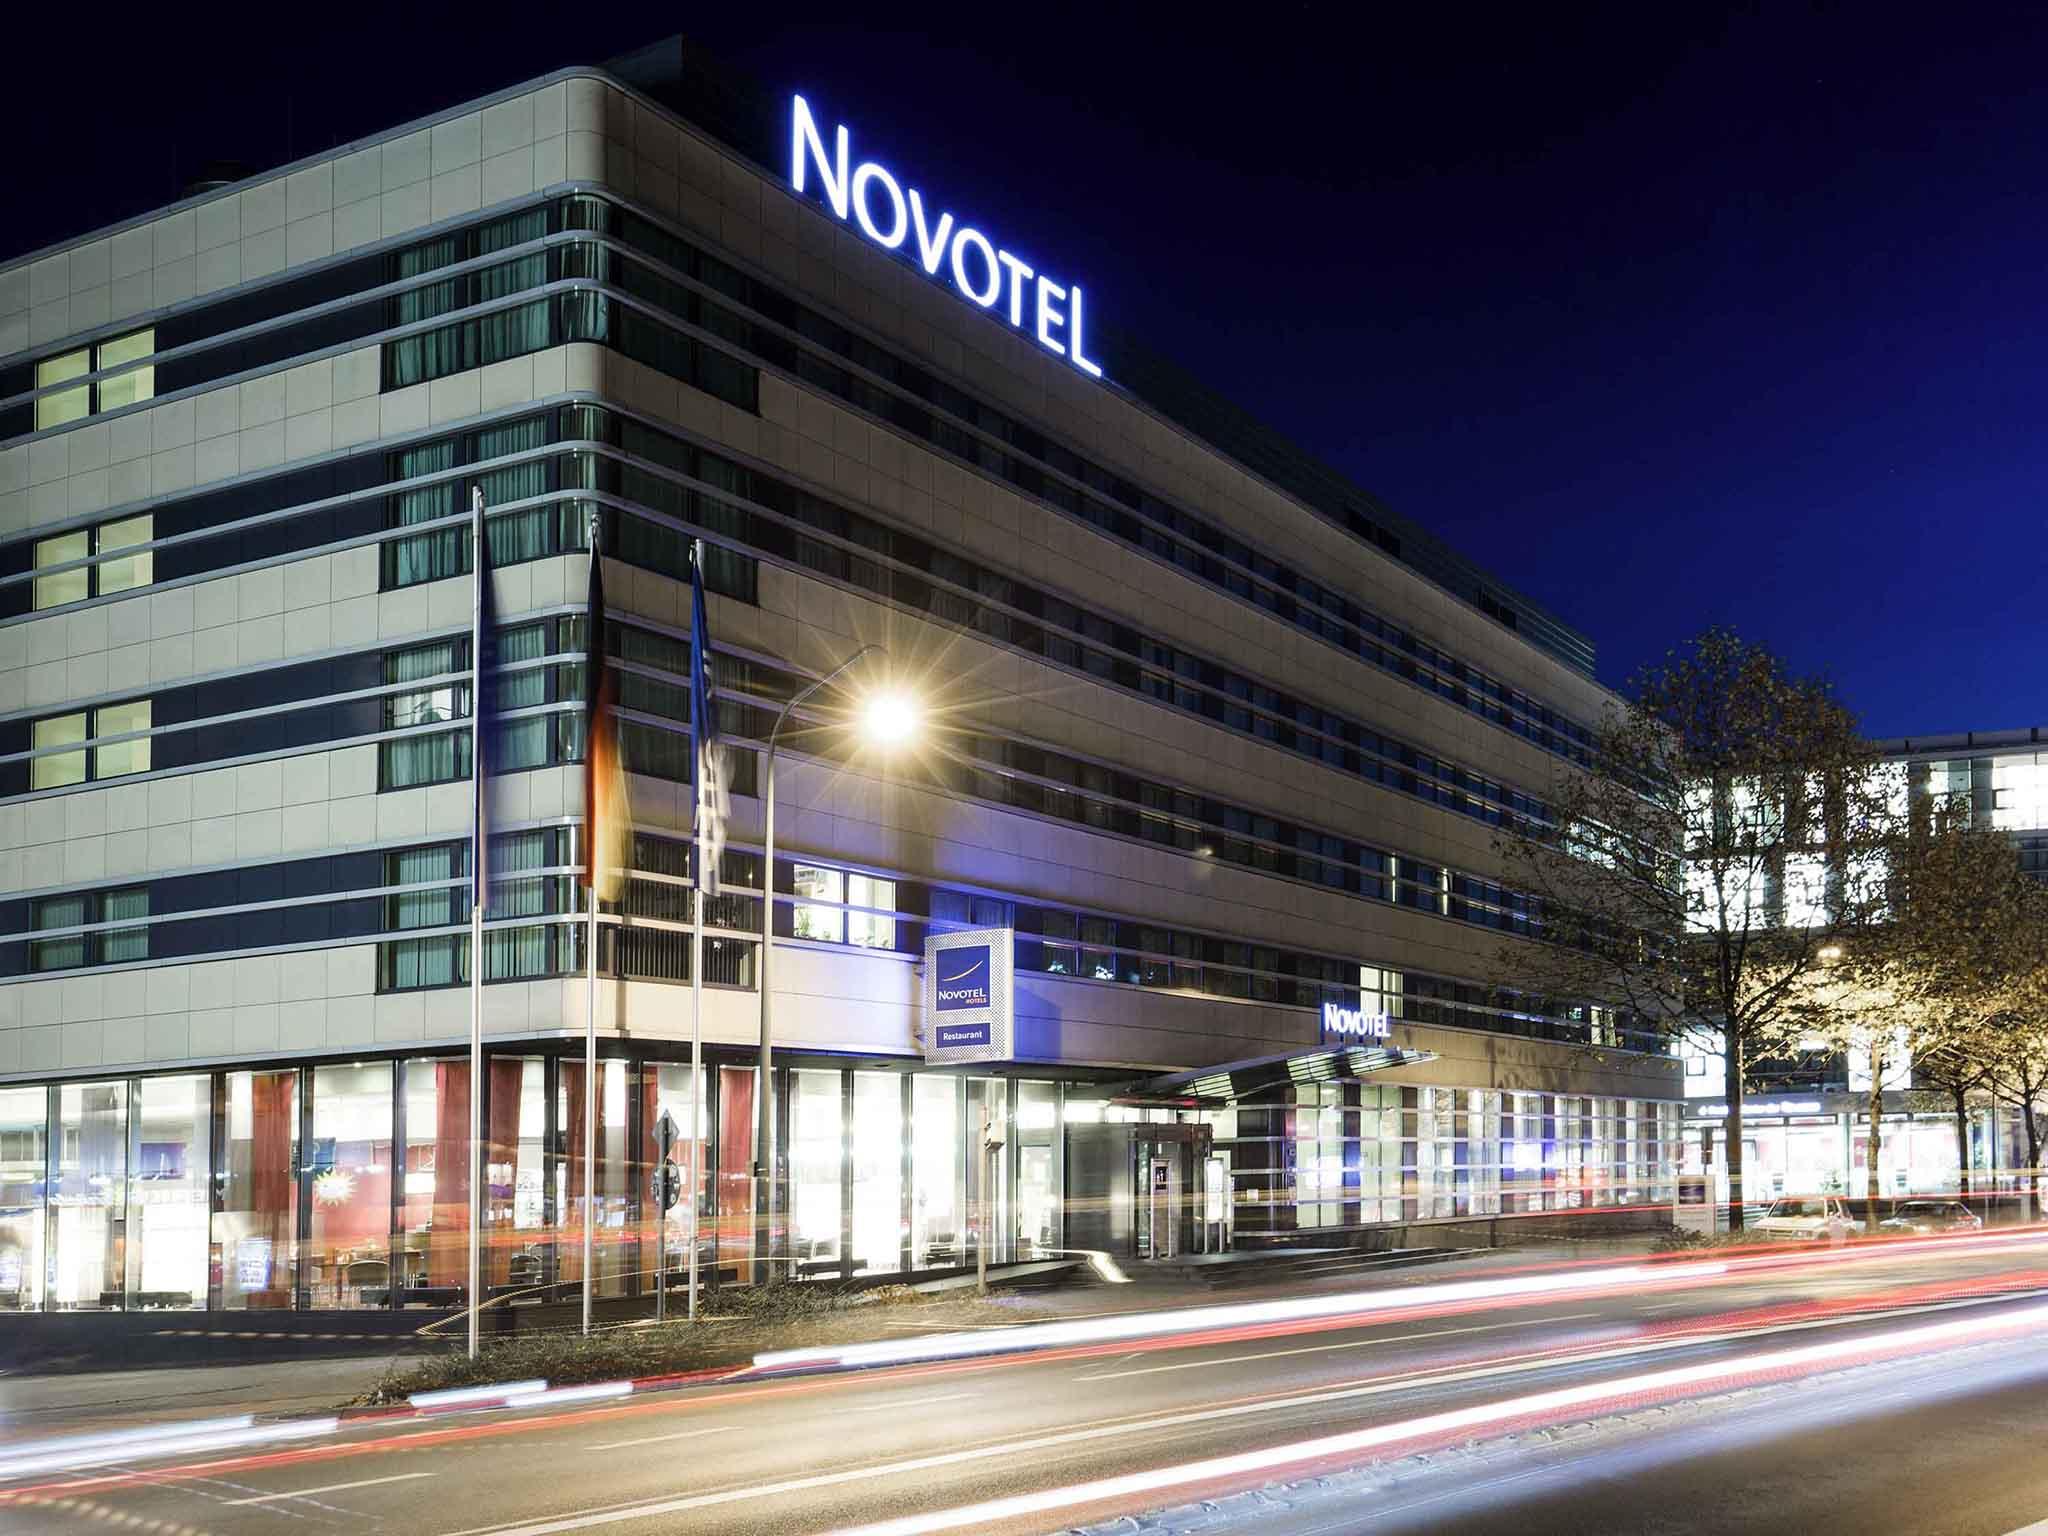 Hotell – Novotel Aachen City